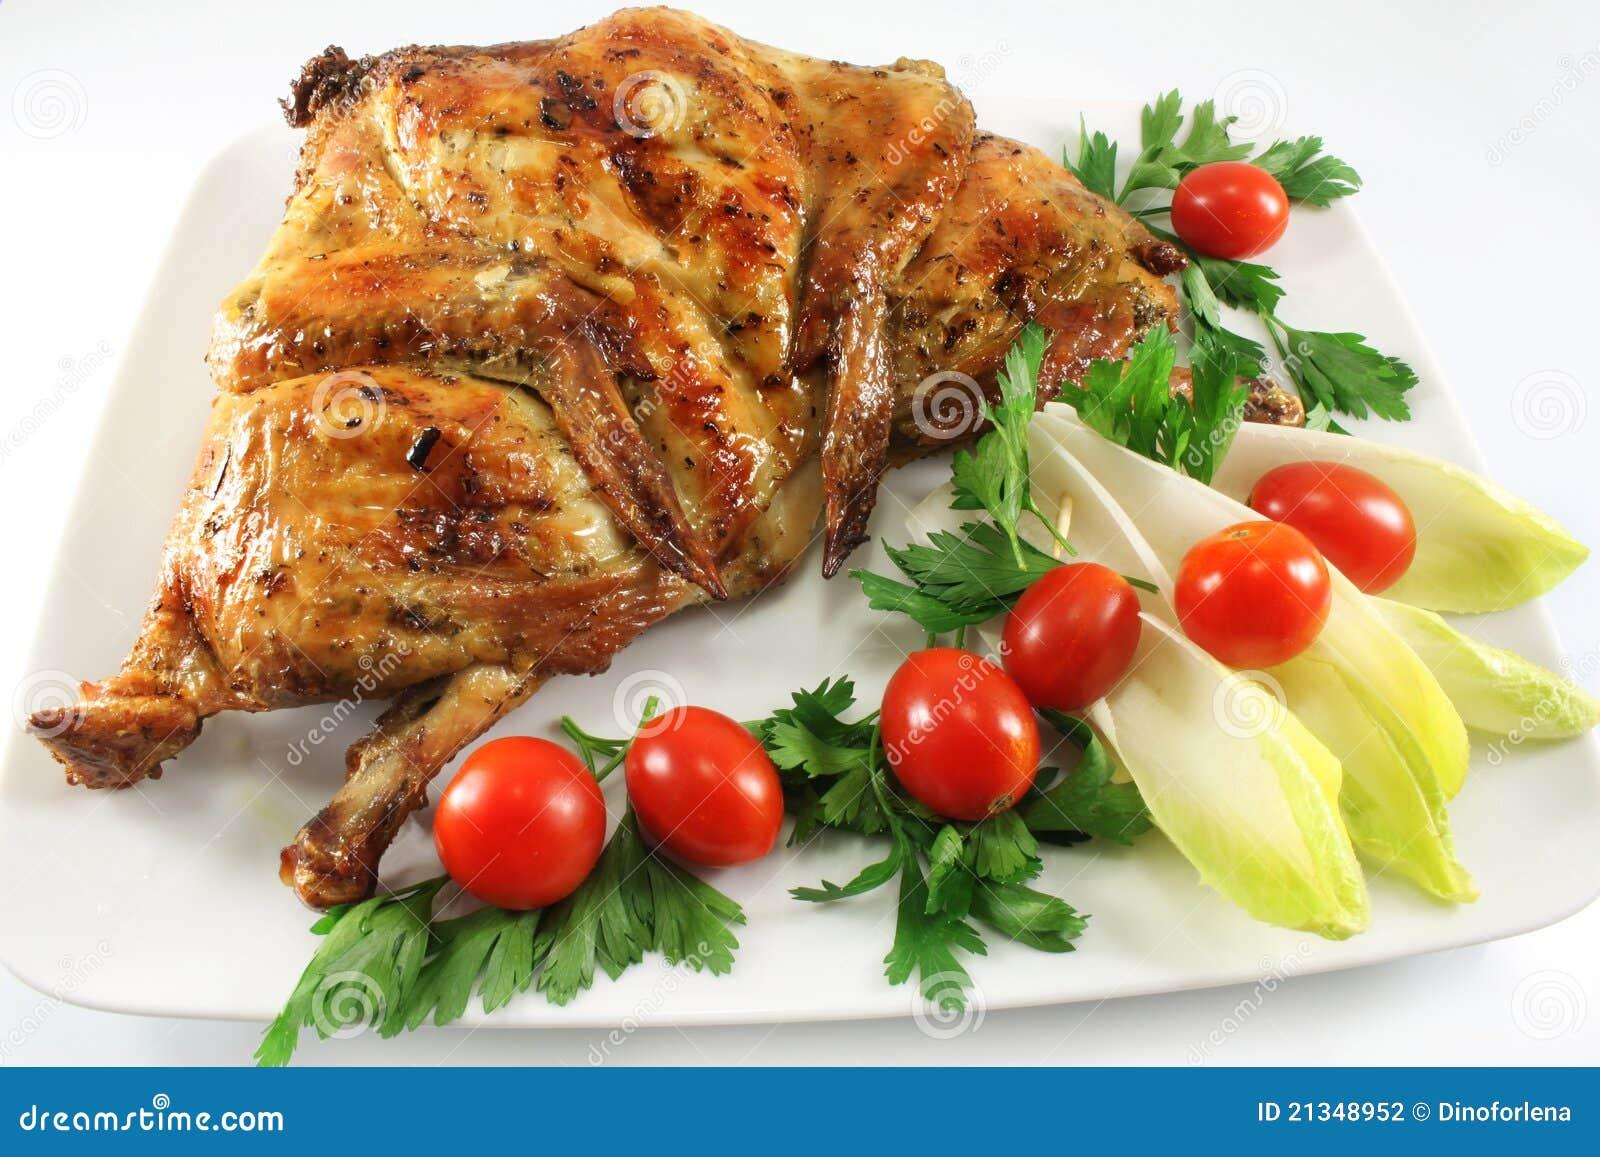 Plato con el pollo asado a la parilla foto de archivo - Platos con pechuga de pollo ...